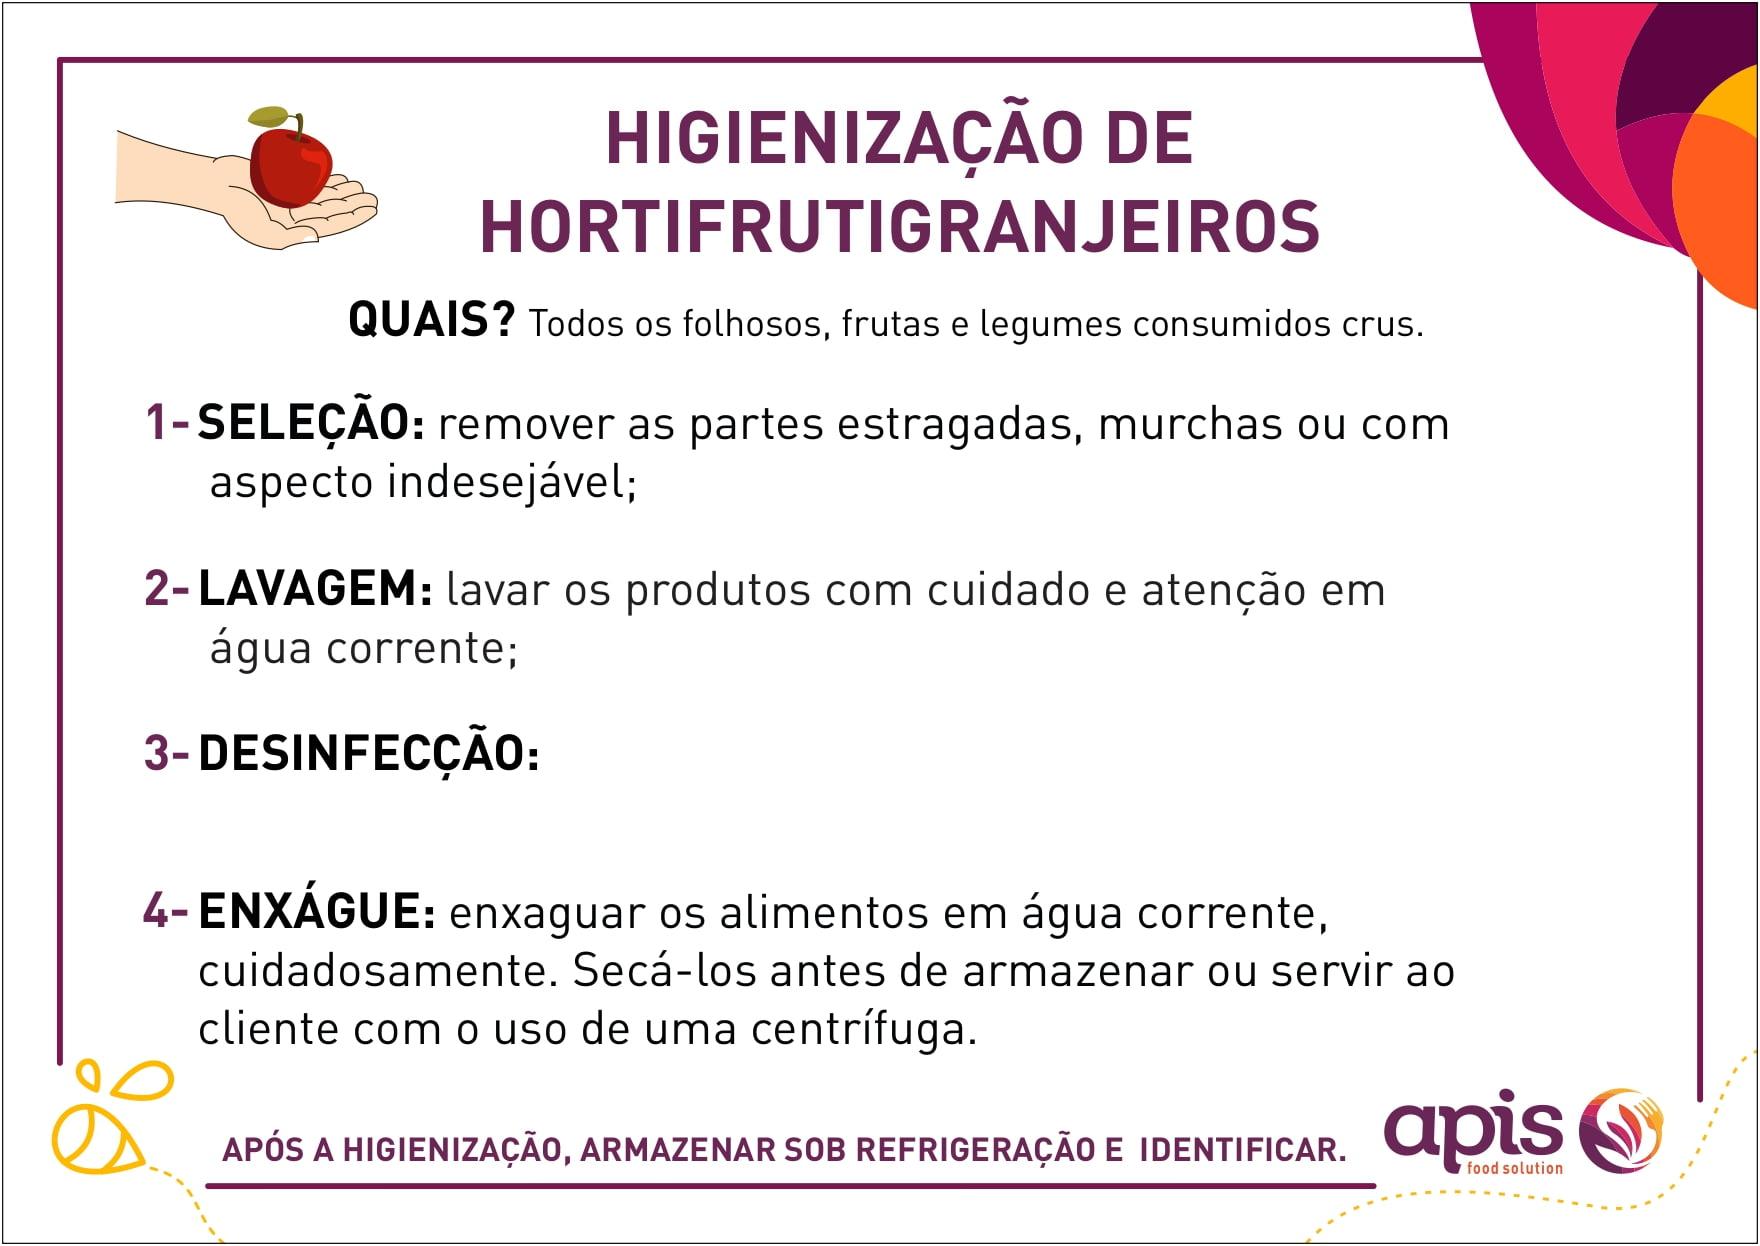 Higiênização de Hortifrutigranjeiros